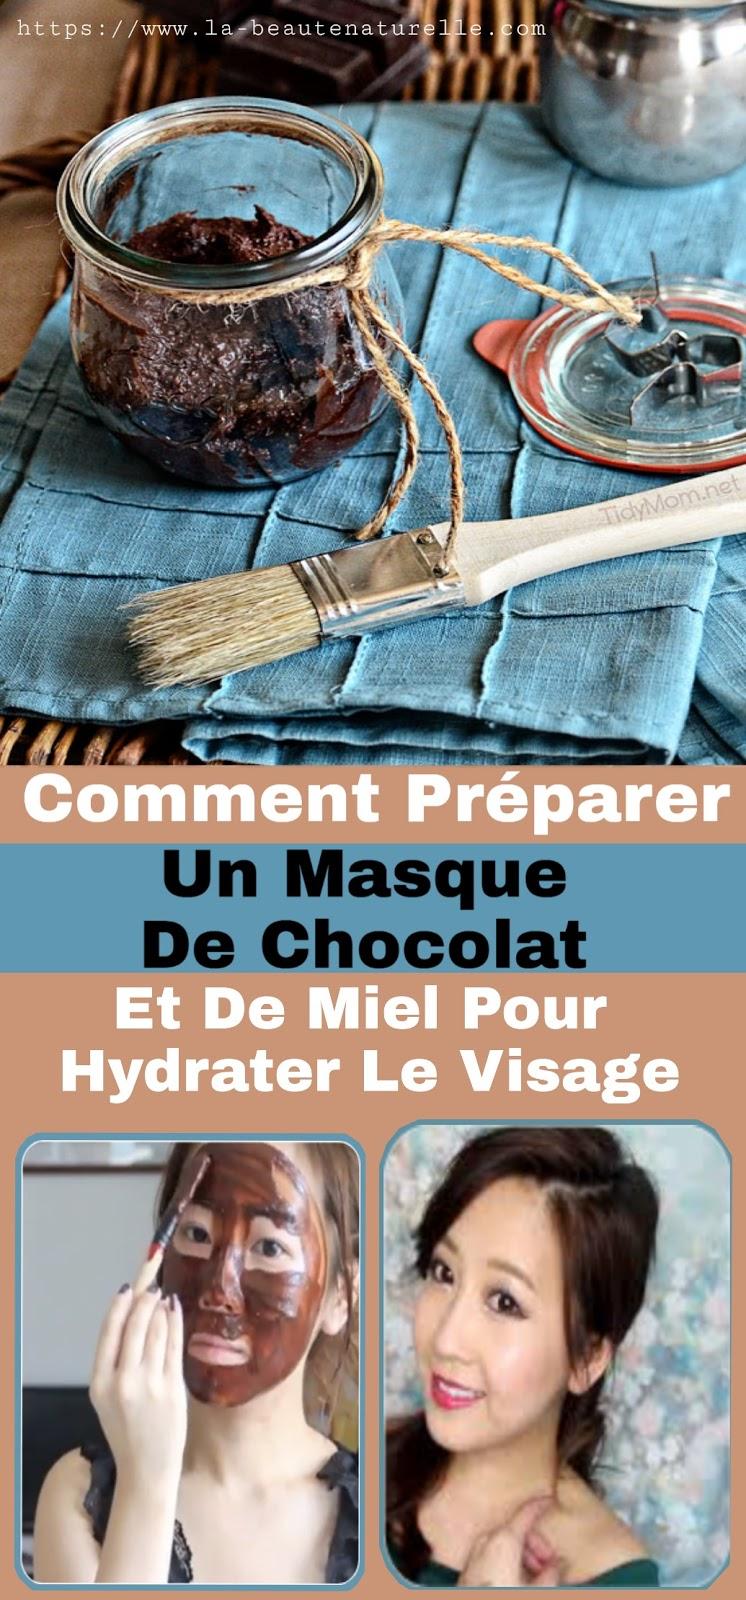 Comment Préparer Un Masque De Chocolat Et De Miel Pour Hydrater Le Visage